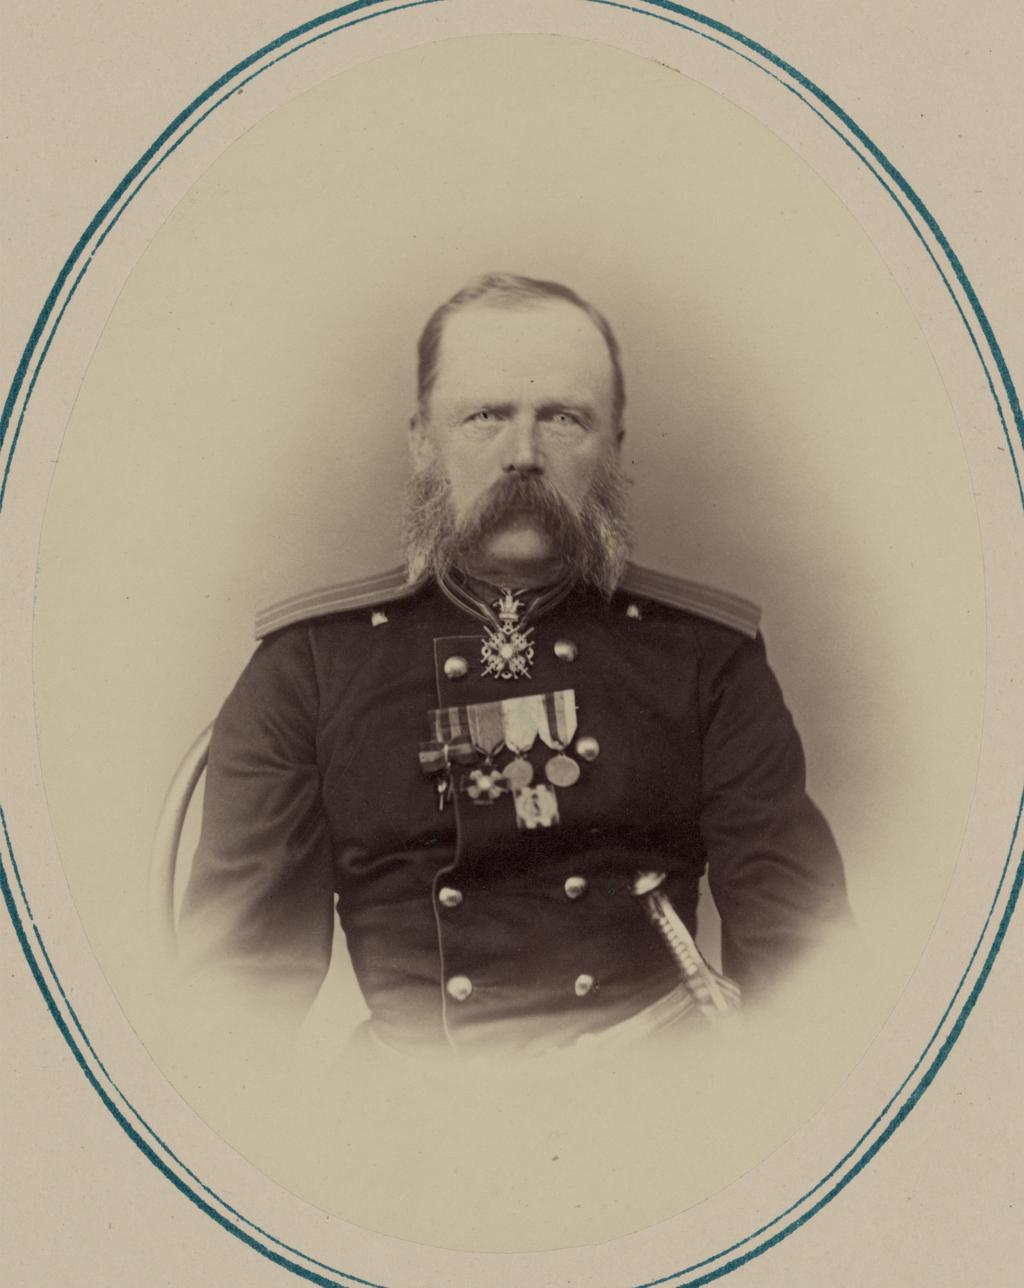 Георгиевские кавалеры и награжденные золотым оружием. За взятие Джизака 18 октября 1866 г. Полковник артиллерийской пехоты Н. В. Григорьев